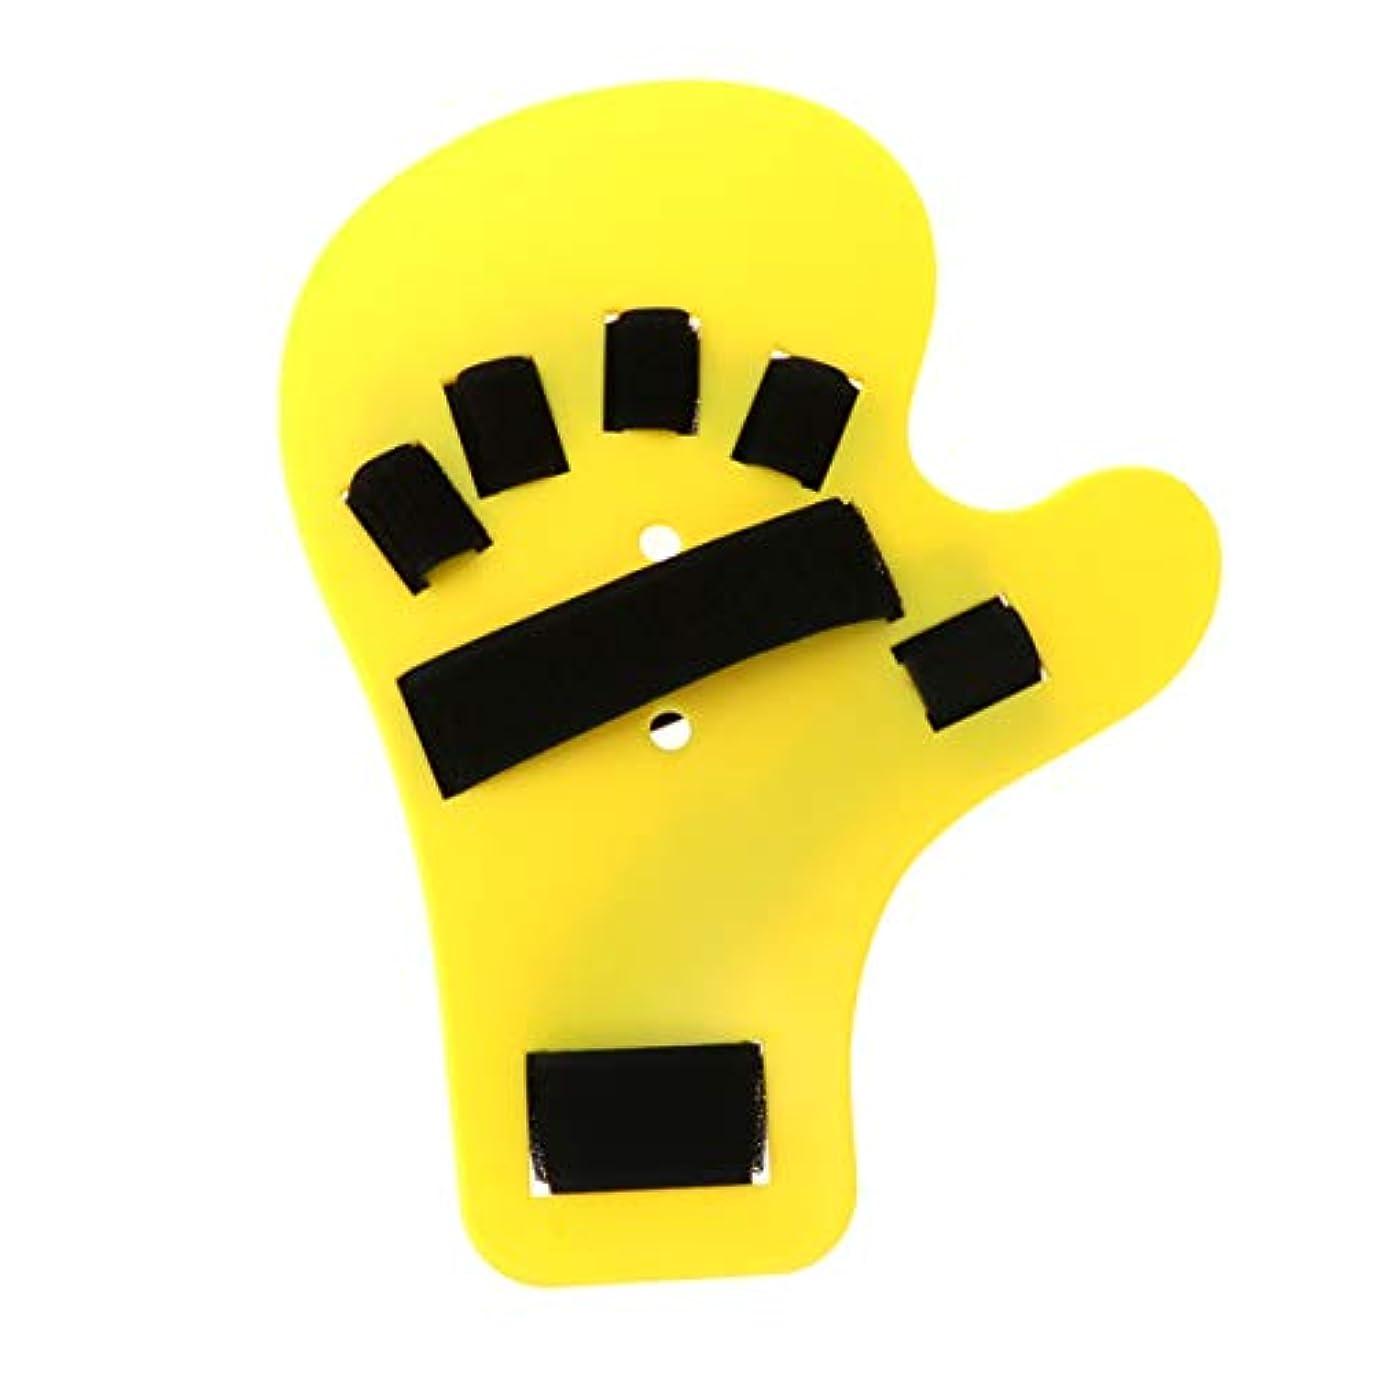 耳会社原子炉SUPVOX 指装具指板ストロークハンドスプリントトレーニングサポートハンド手首トレーニング右手用装具デバイス